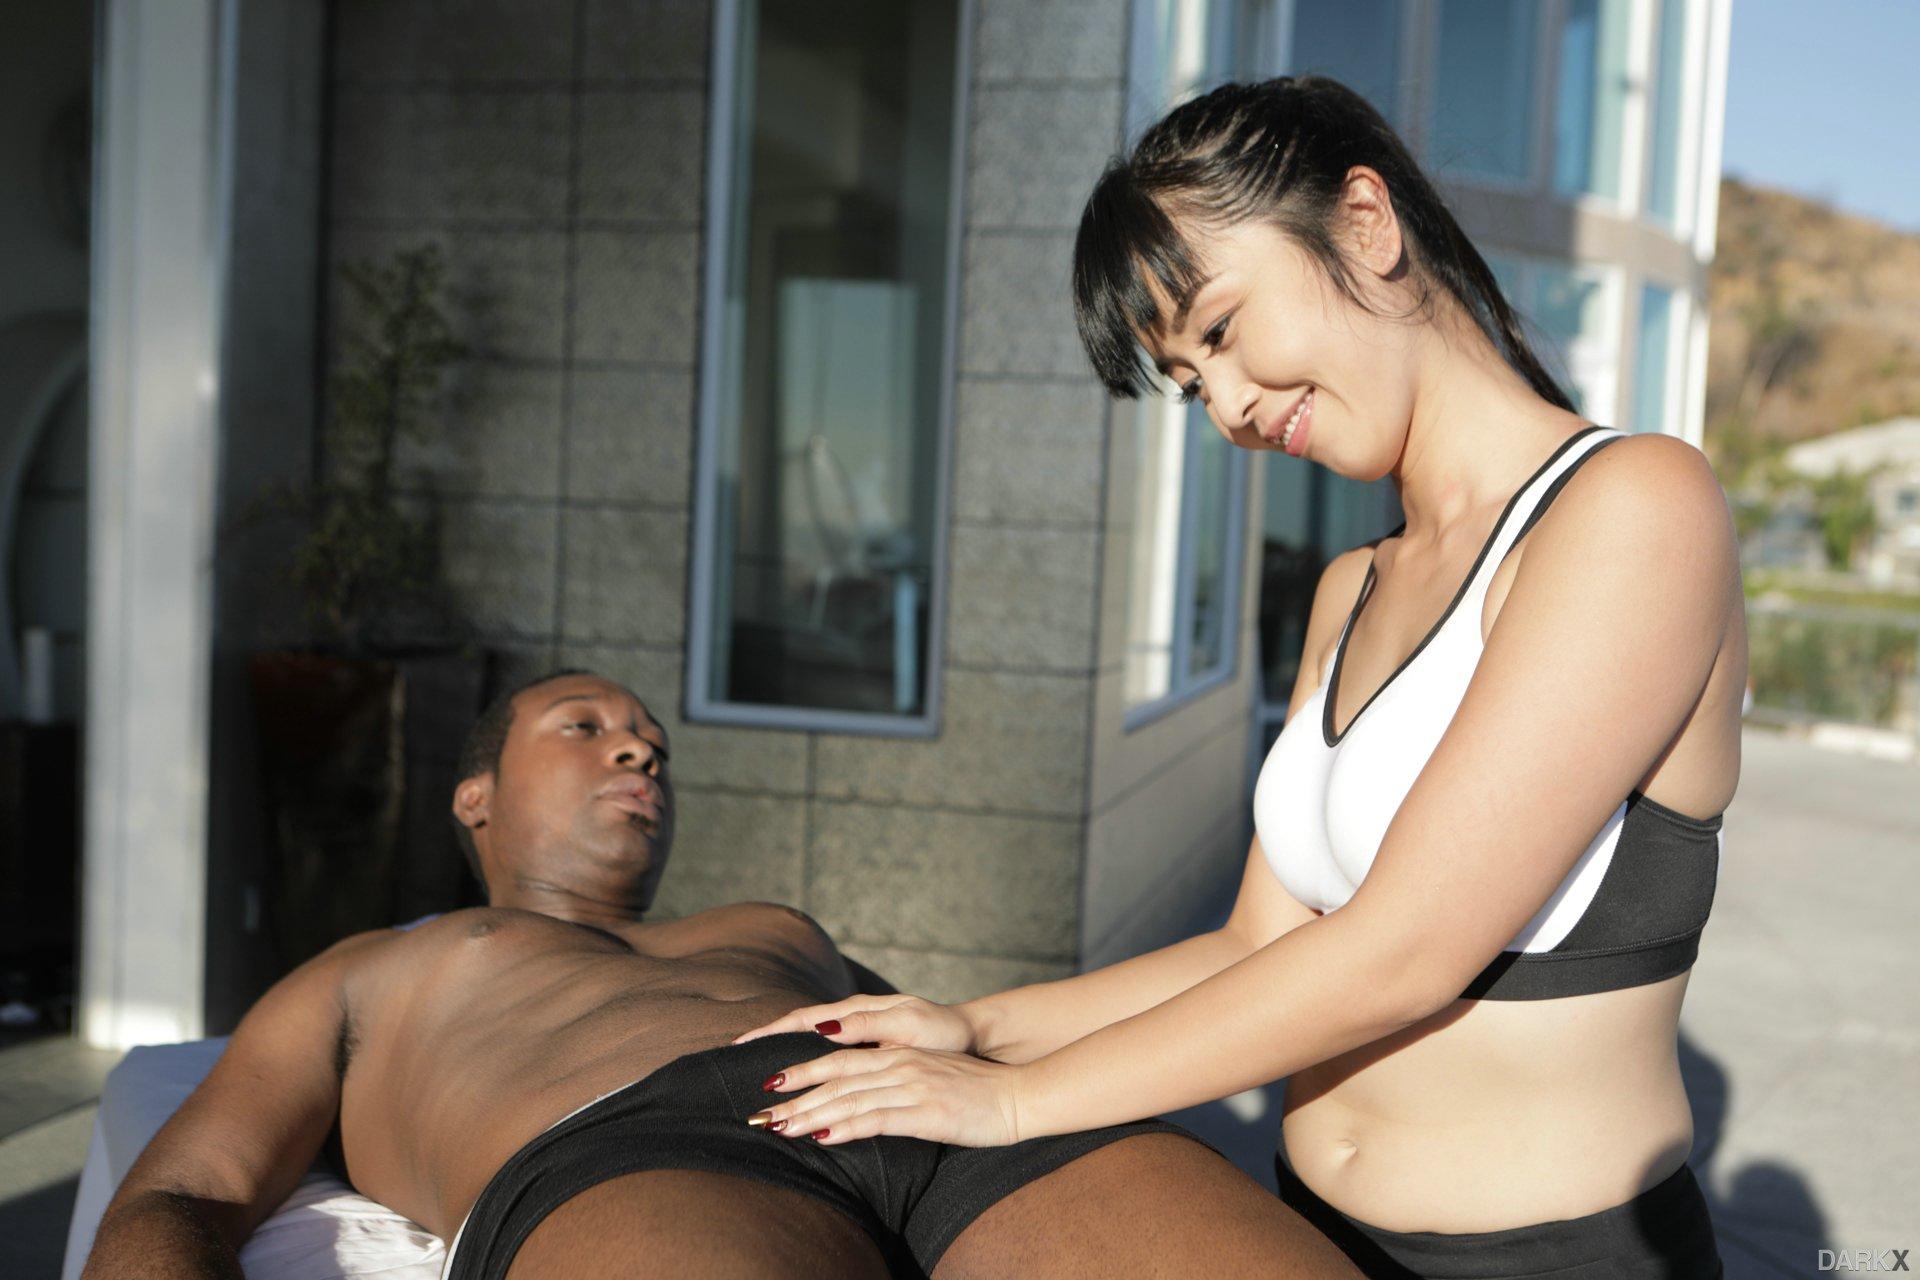 Sexy girls with big titties gone wild